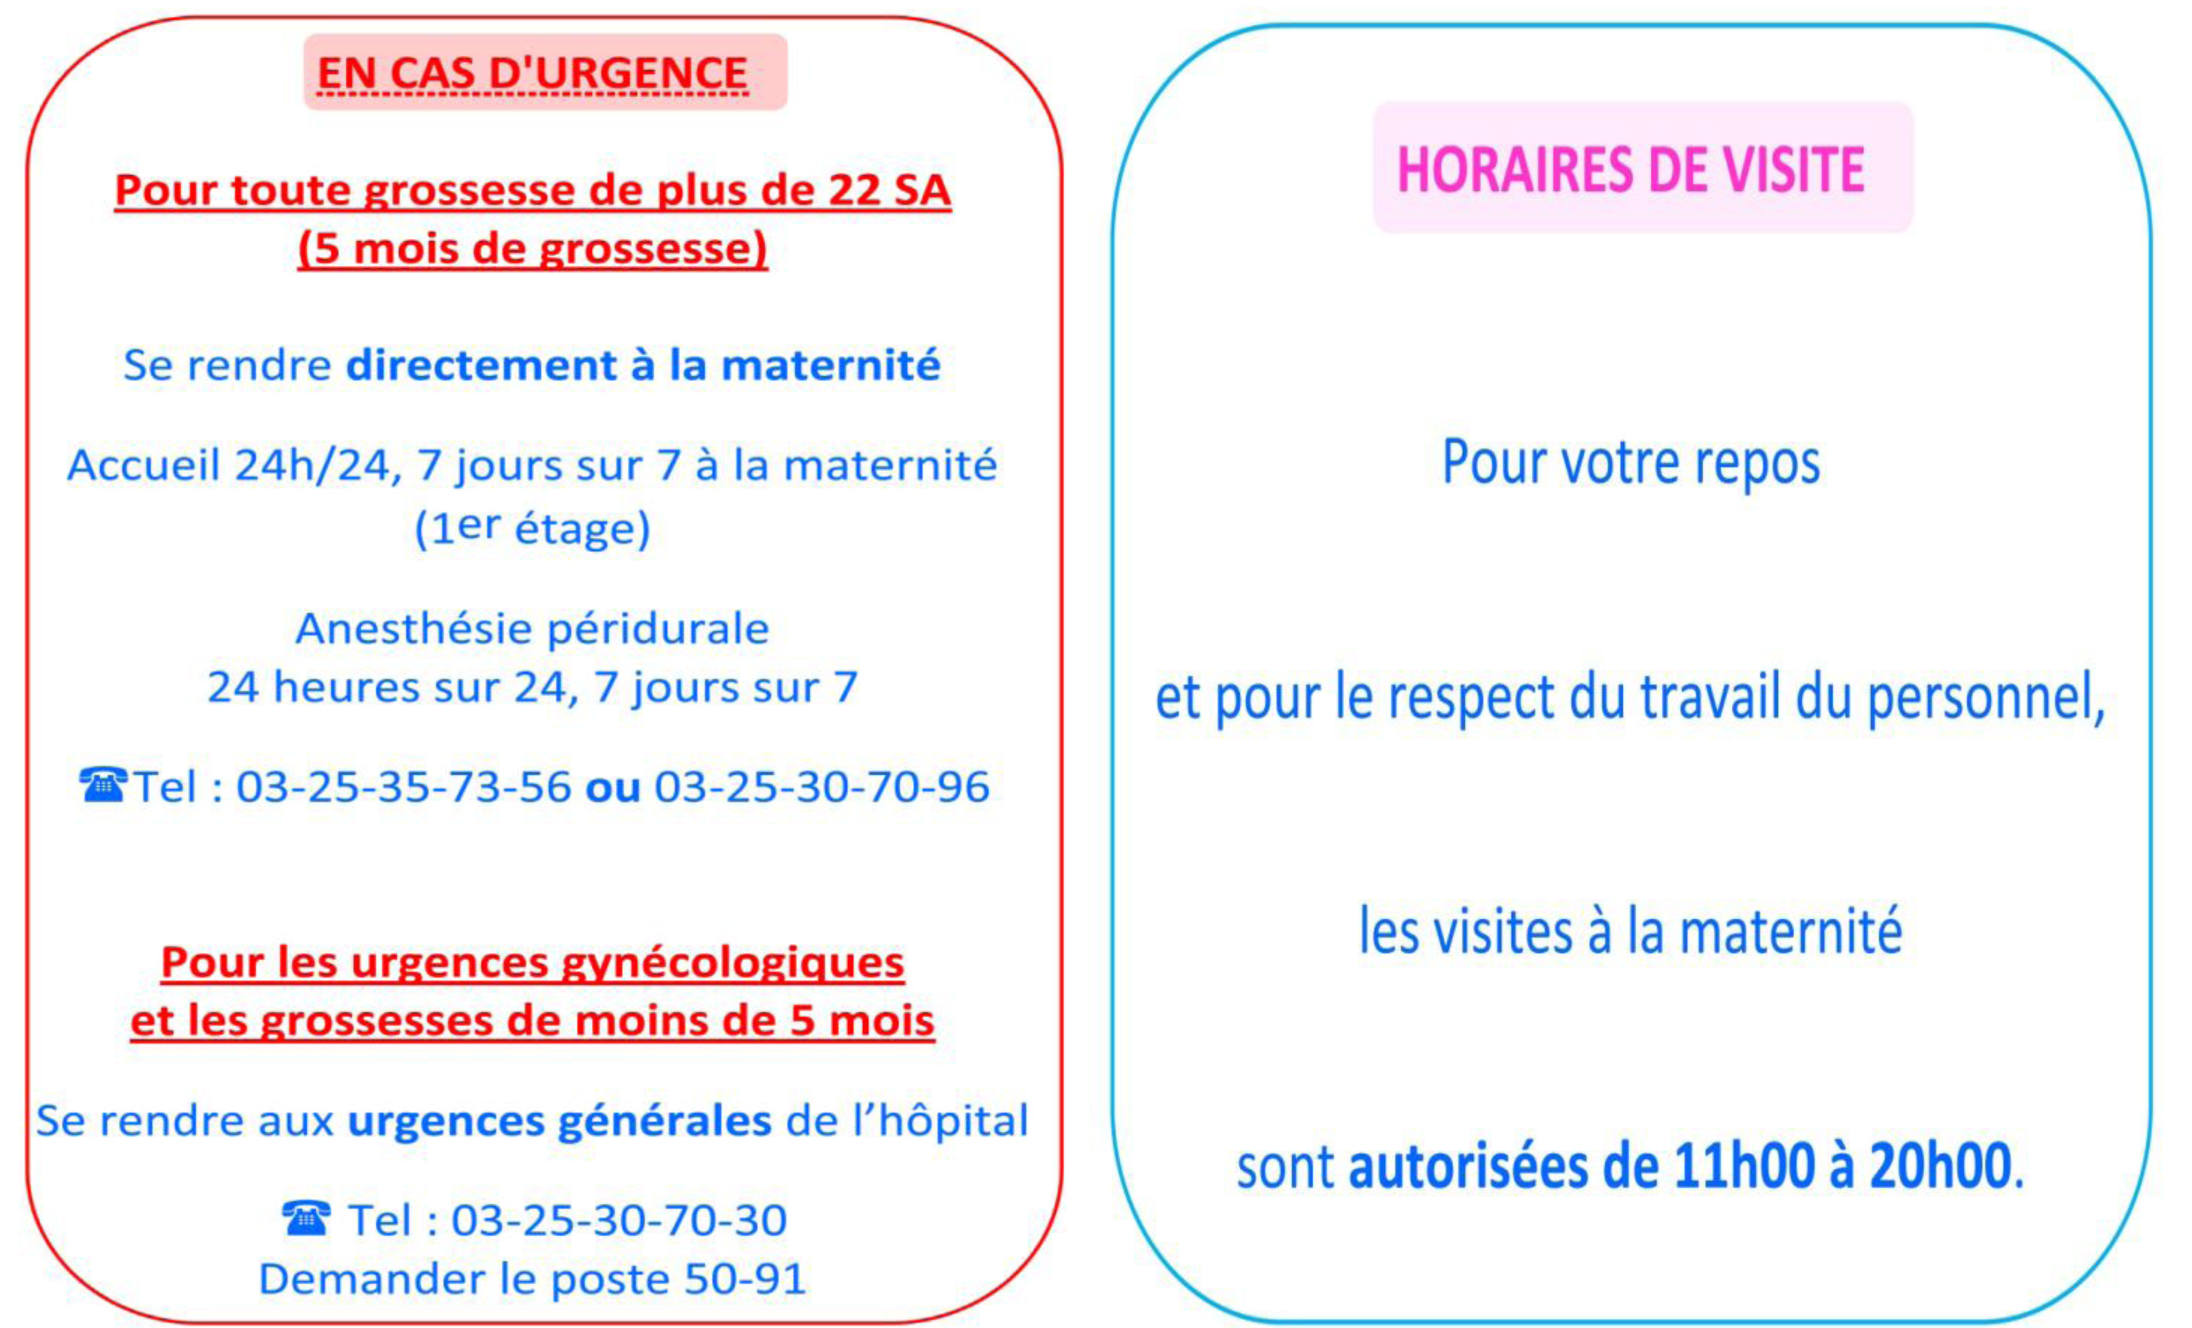 Accueil Des Enfants Partir De 34 SA Service Nonatalogie Pdiatrique